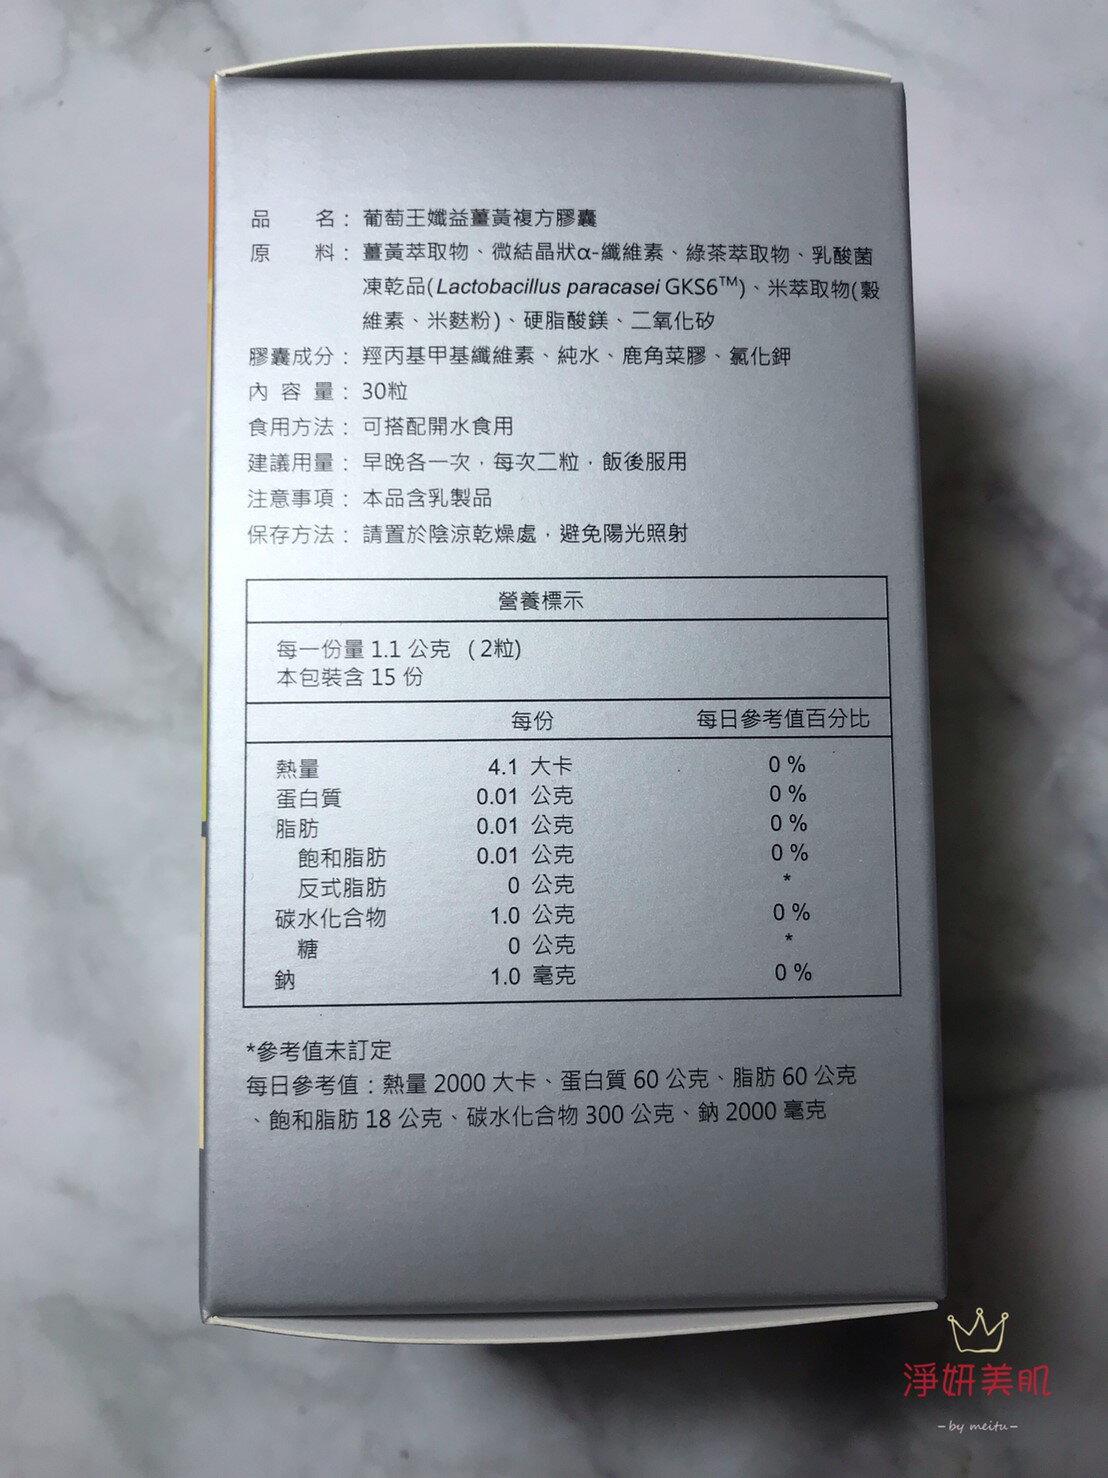 葡萄王 孅益薑黃複方膠囊(30粒 / 瓶) 效期2022.05【淨妍美肌】 1